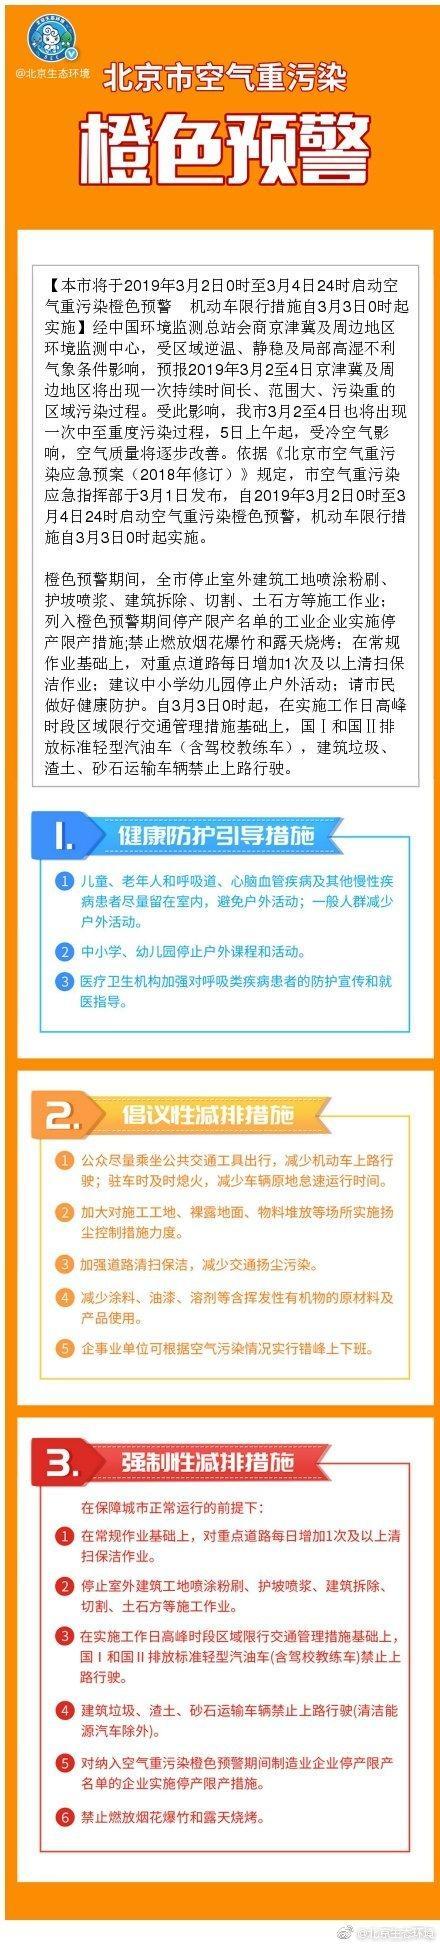 北京3月2日至4日启动空气重污染橙色预警